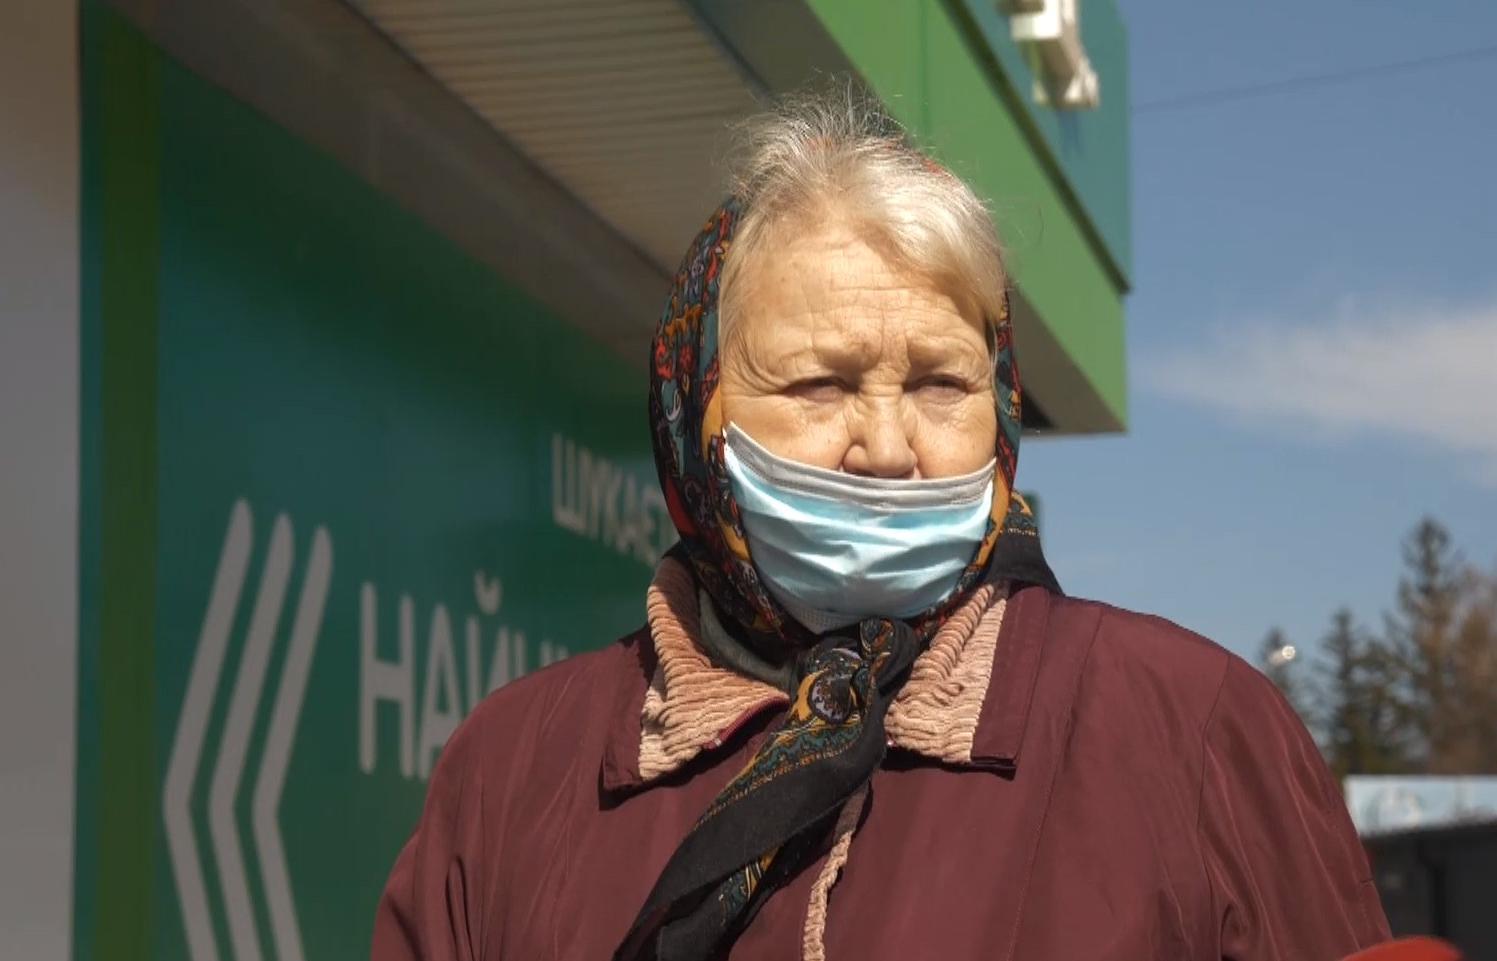 Волонтерам заплатят за помощь старикам и инвалидам во время эпидемии коронавируса - новости Афанасий